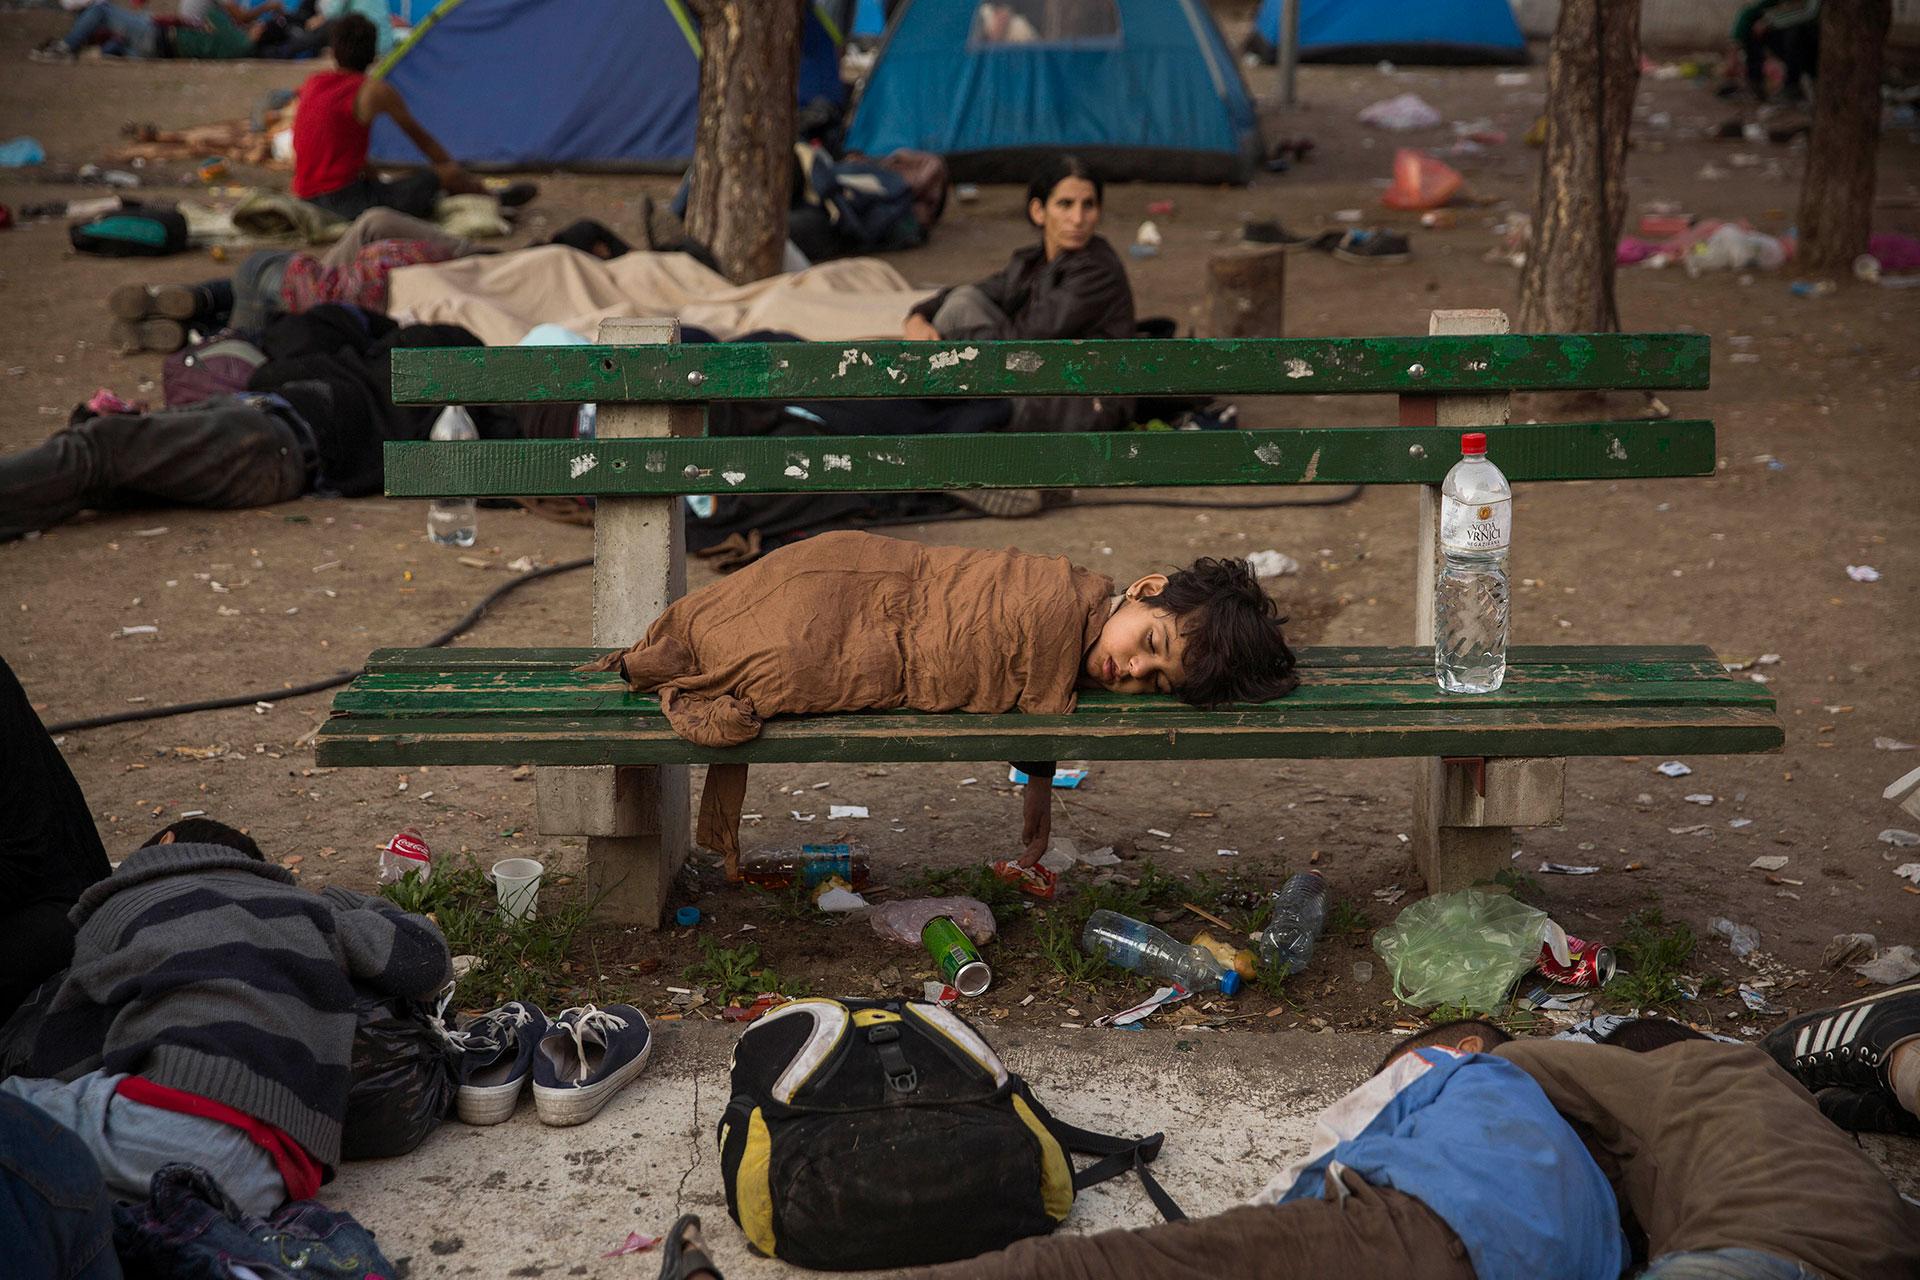 Un niño duerme en un banco del parque Bristol de Belgrado. Ese parque era donde pasaban la noche cientos de refugiados y refugiadas antes de continuar su camino hacia Hungría. (Belgrado, Serbia. 30/08/2015).